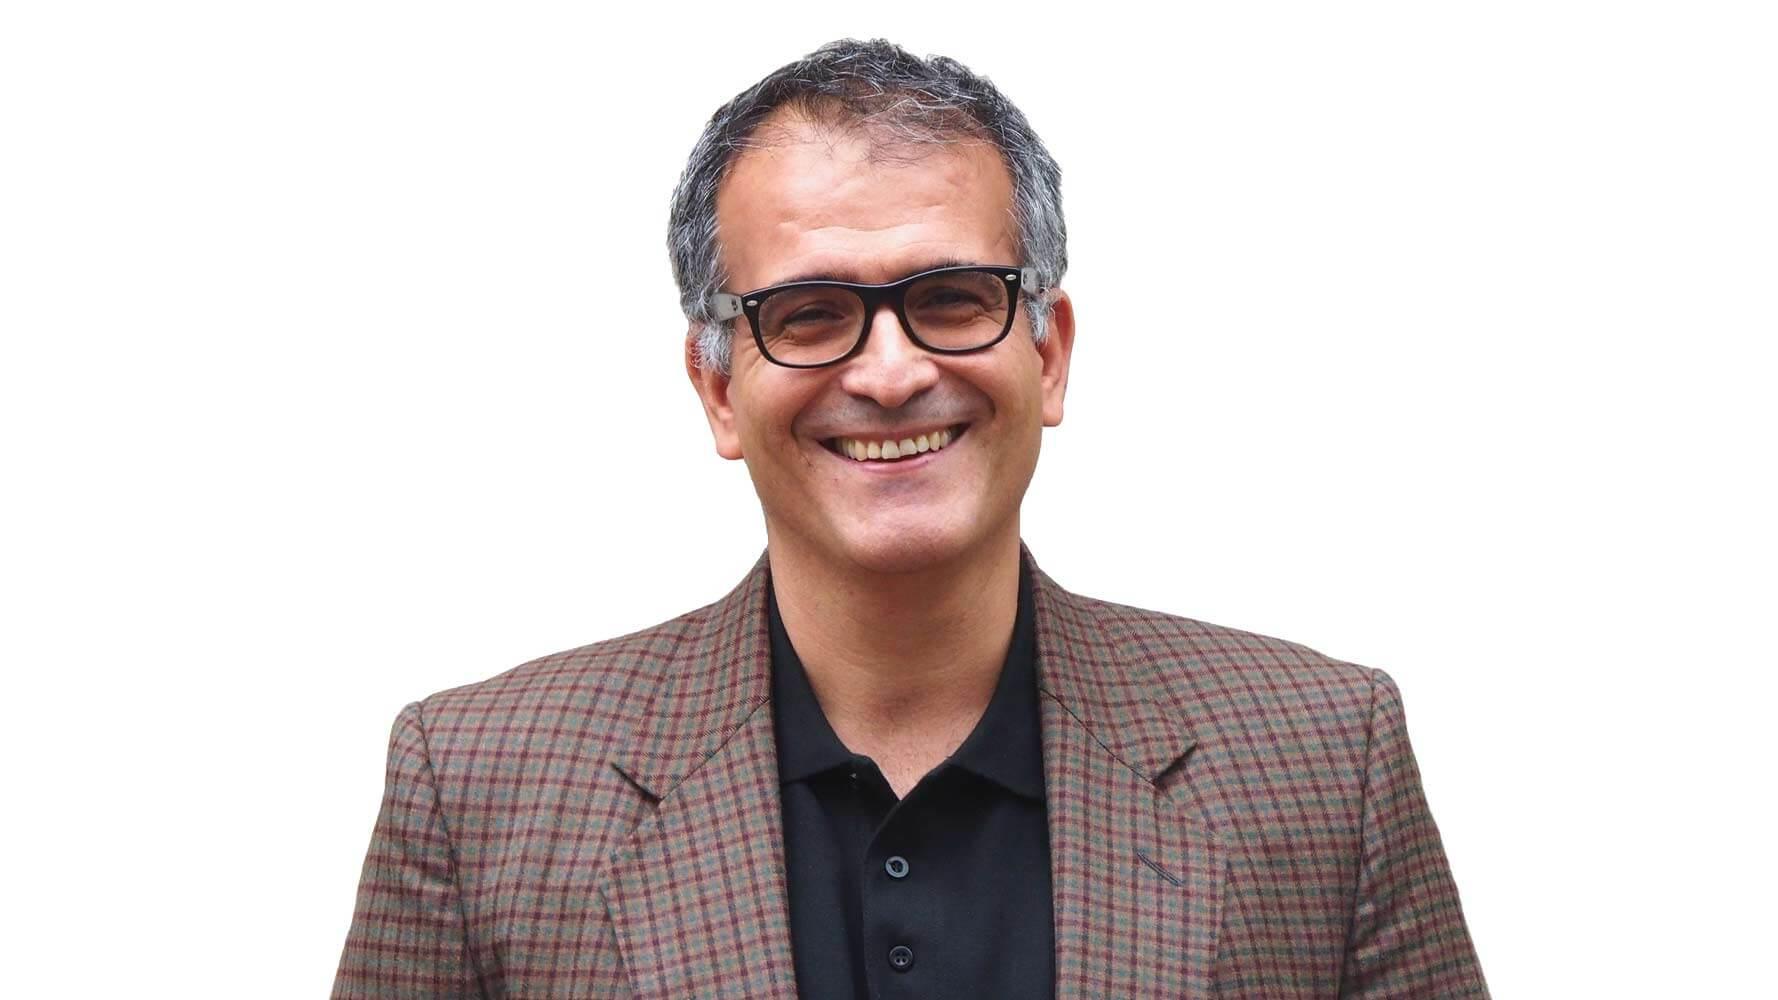 Arturo Cuervo